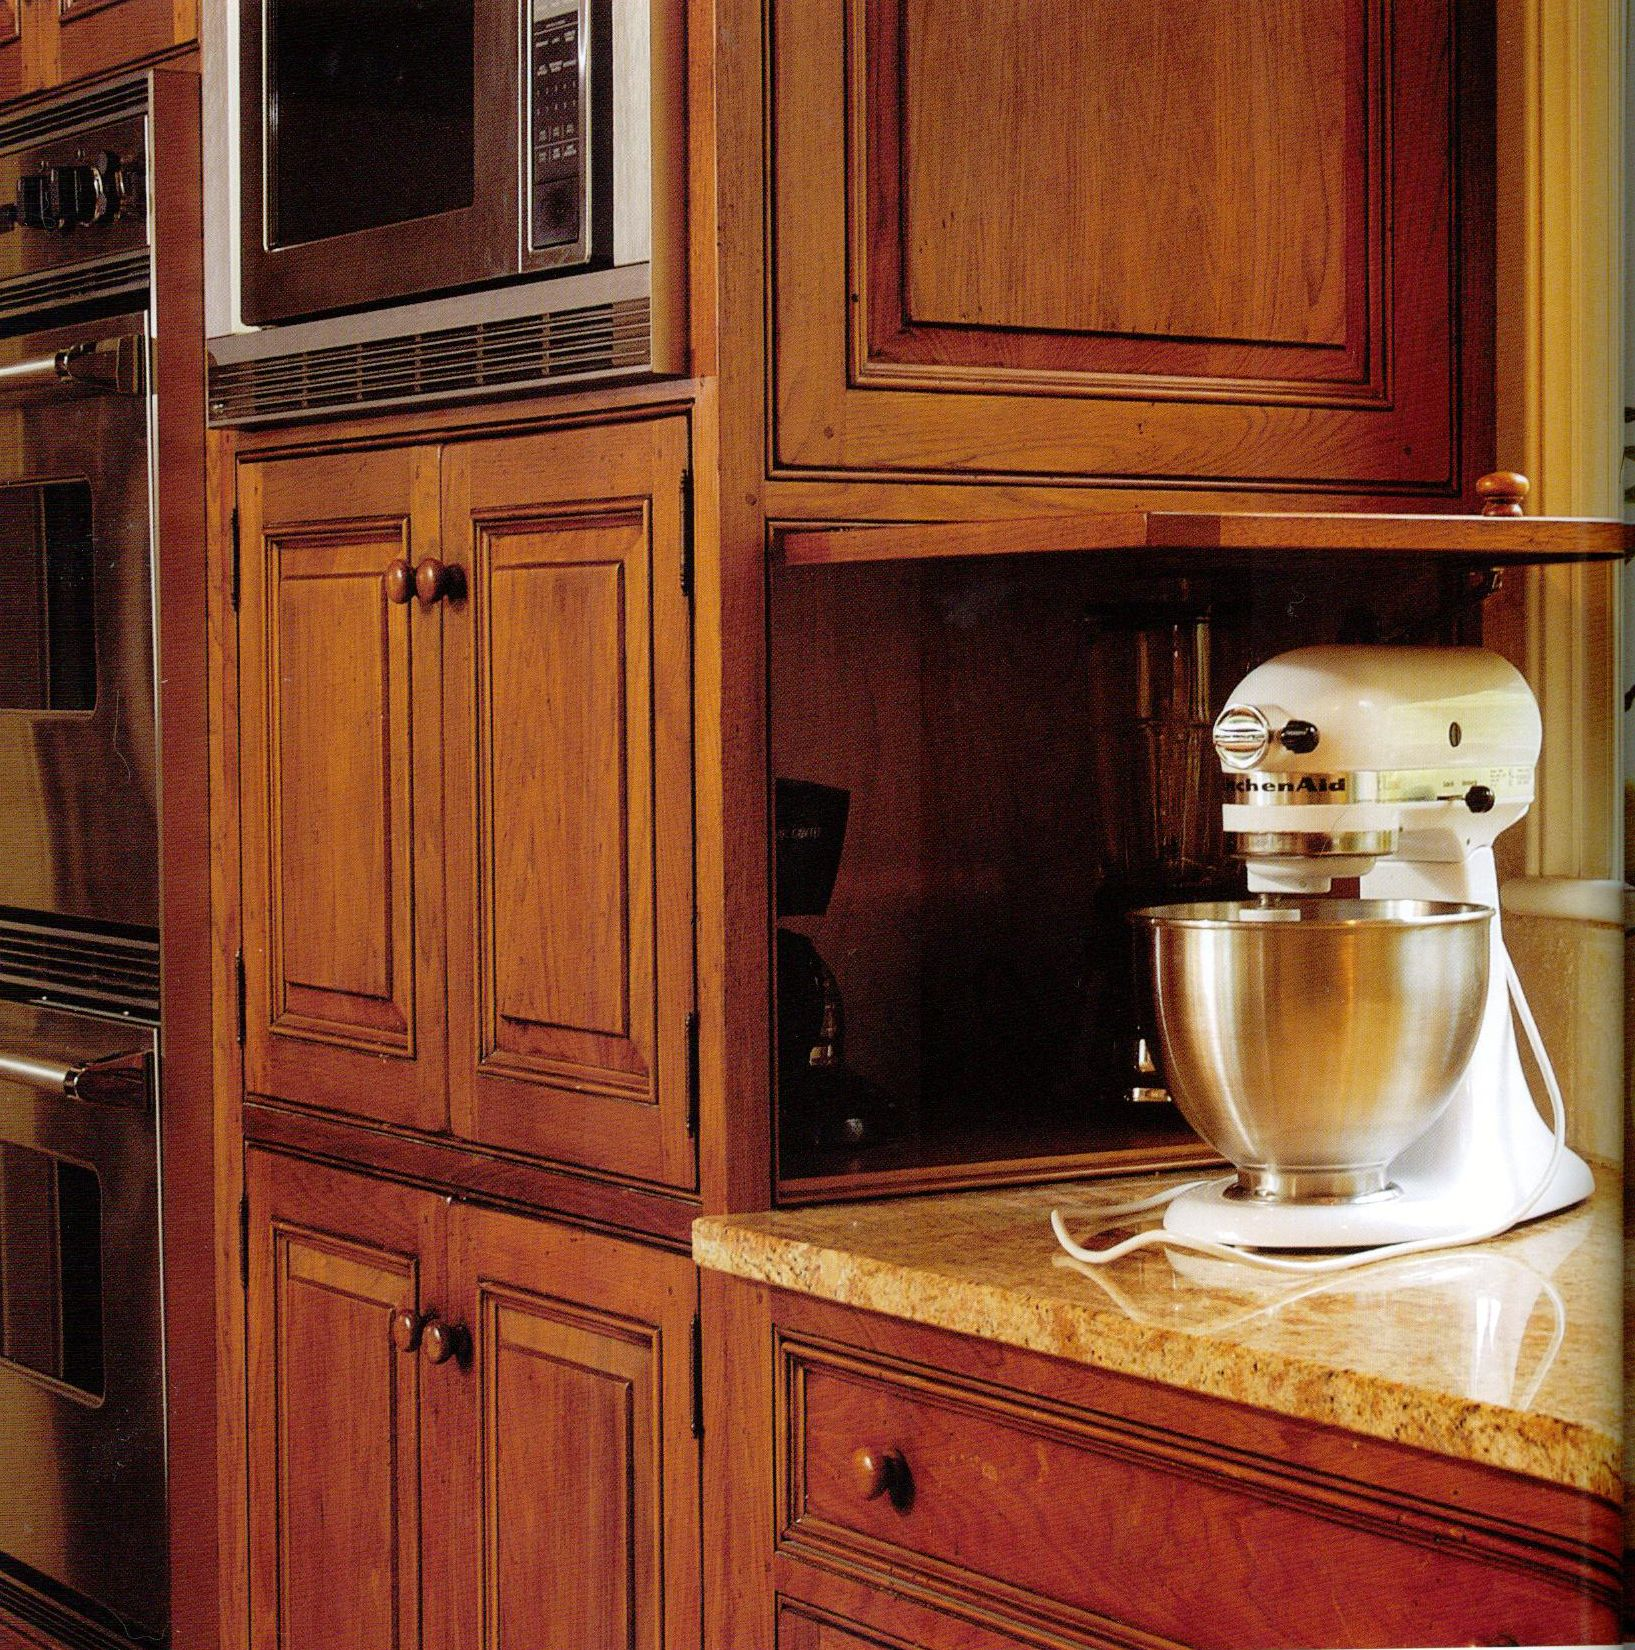 Appliance Garages Kitchen Cabinets Kitchen Appliance Garage Kitchen Remodel Pinterest Kitchen